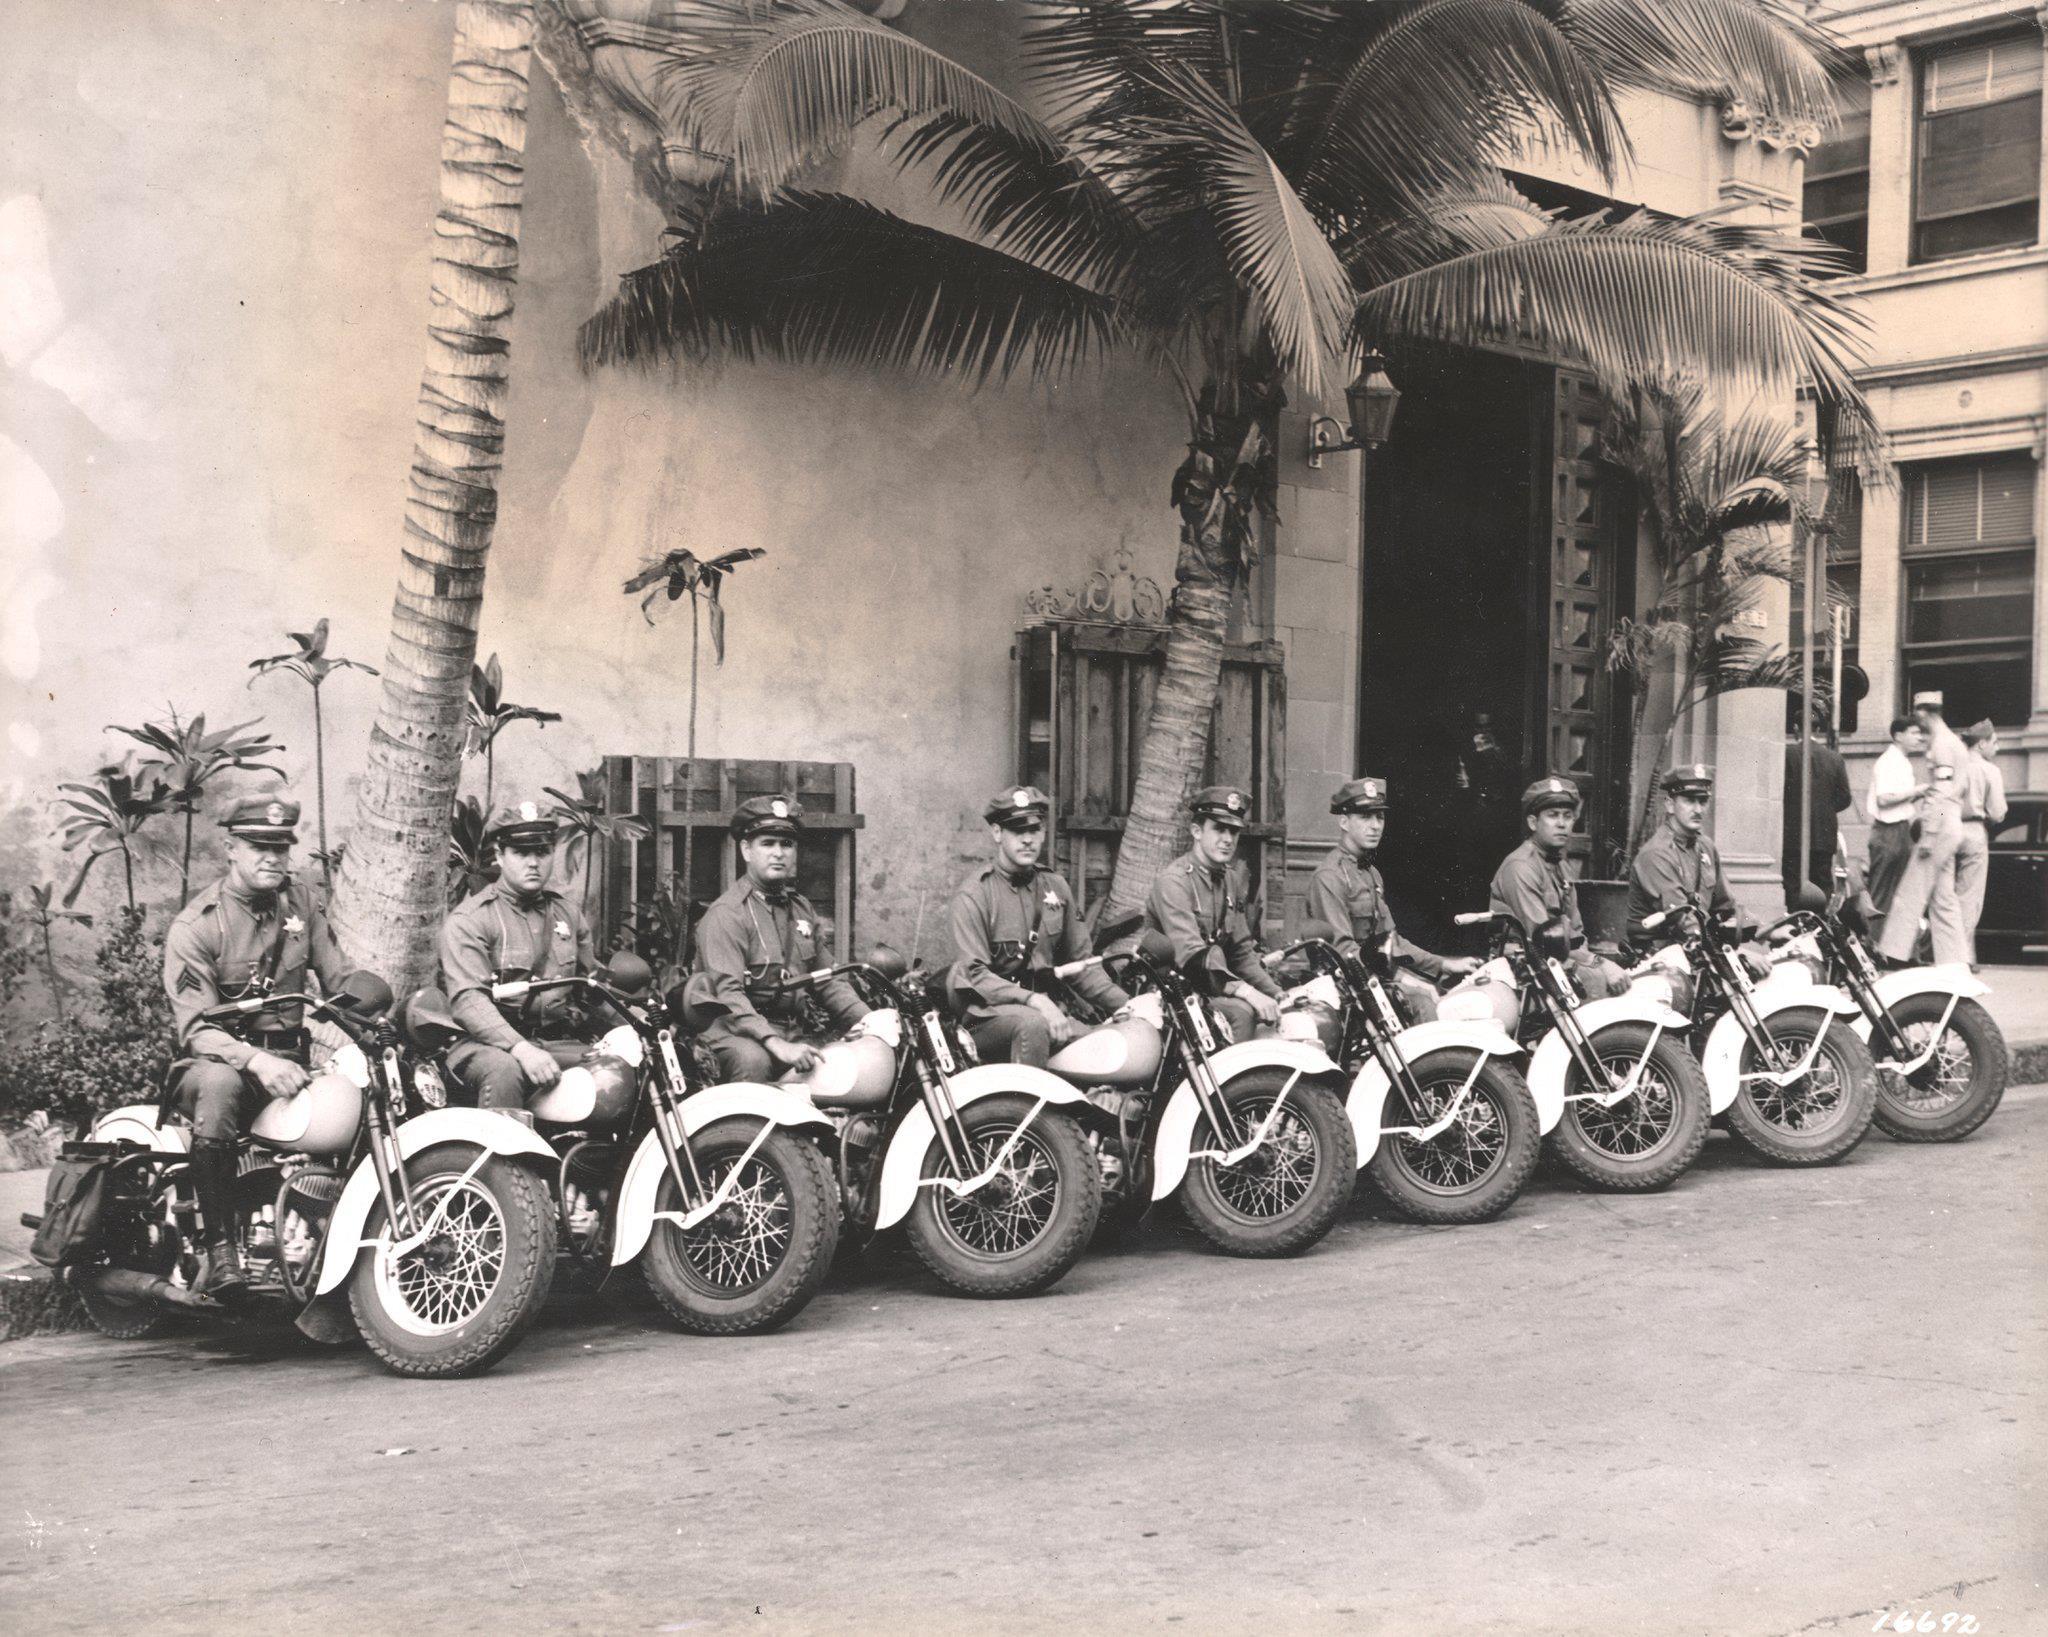 Policia de Honolulu en 1944